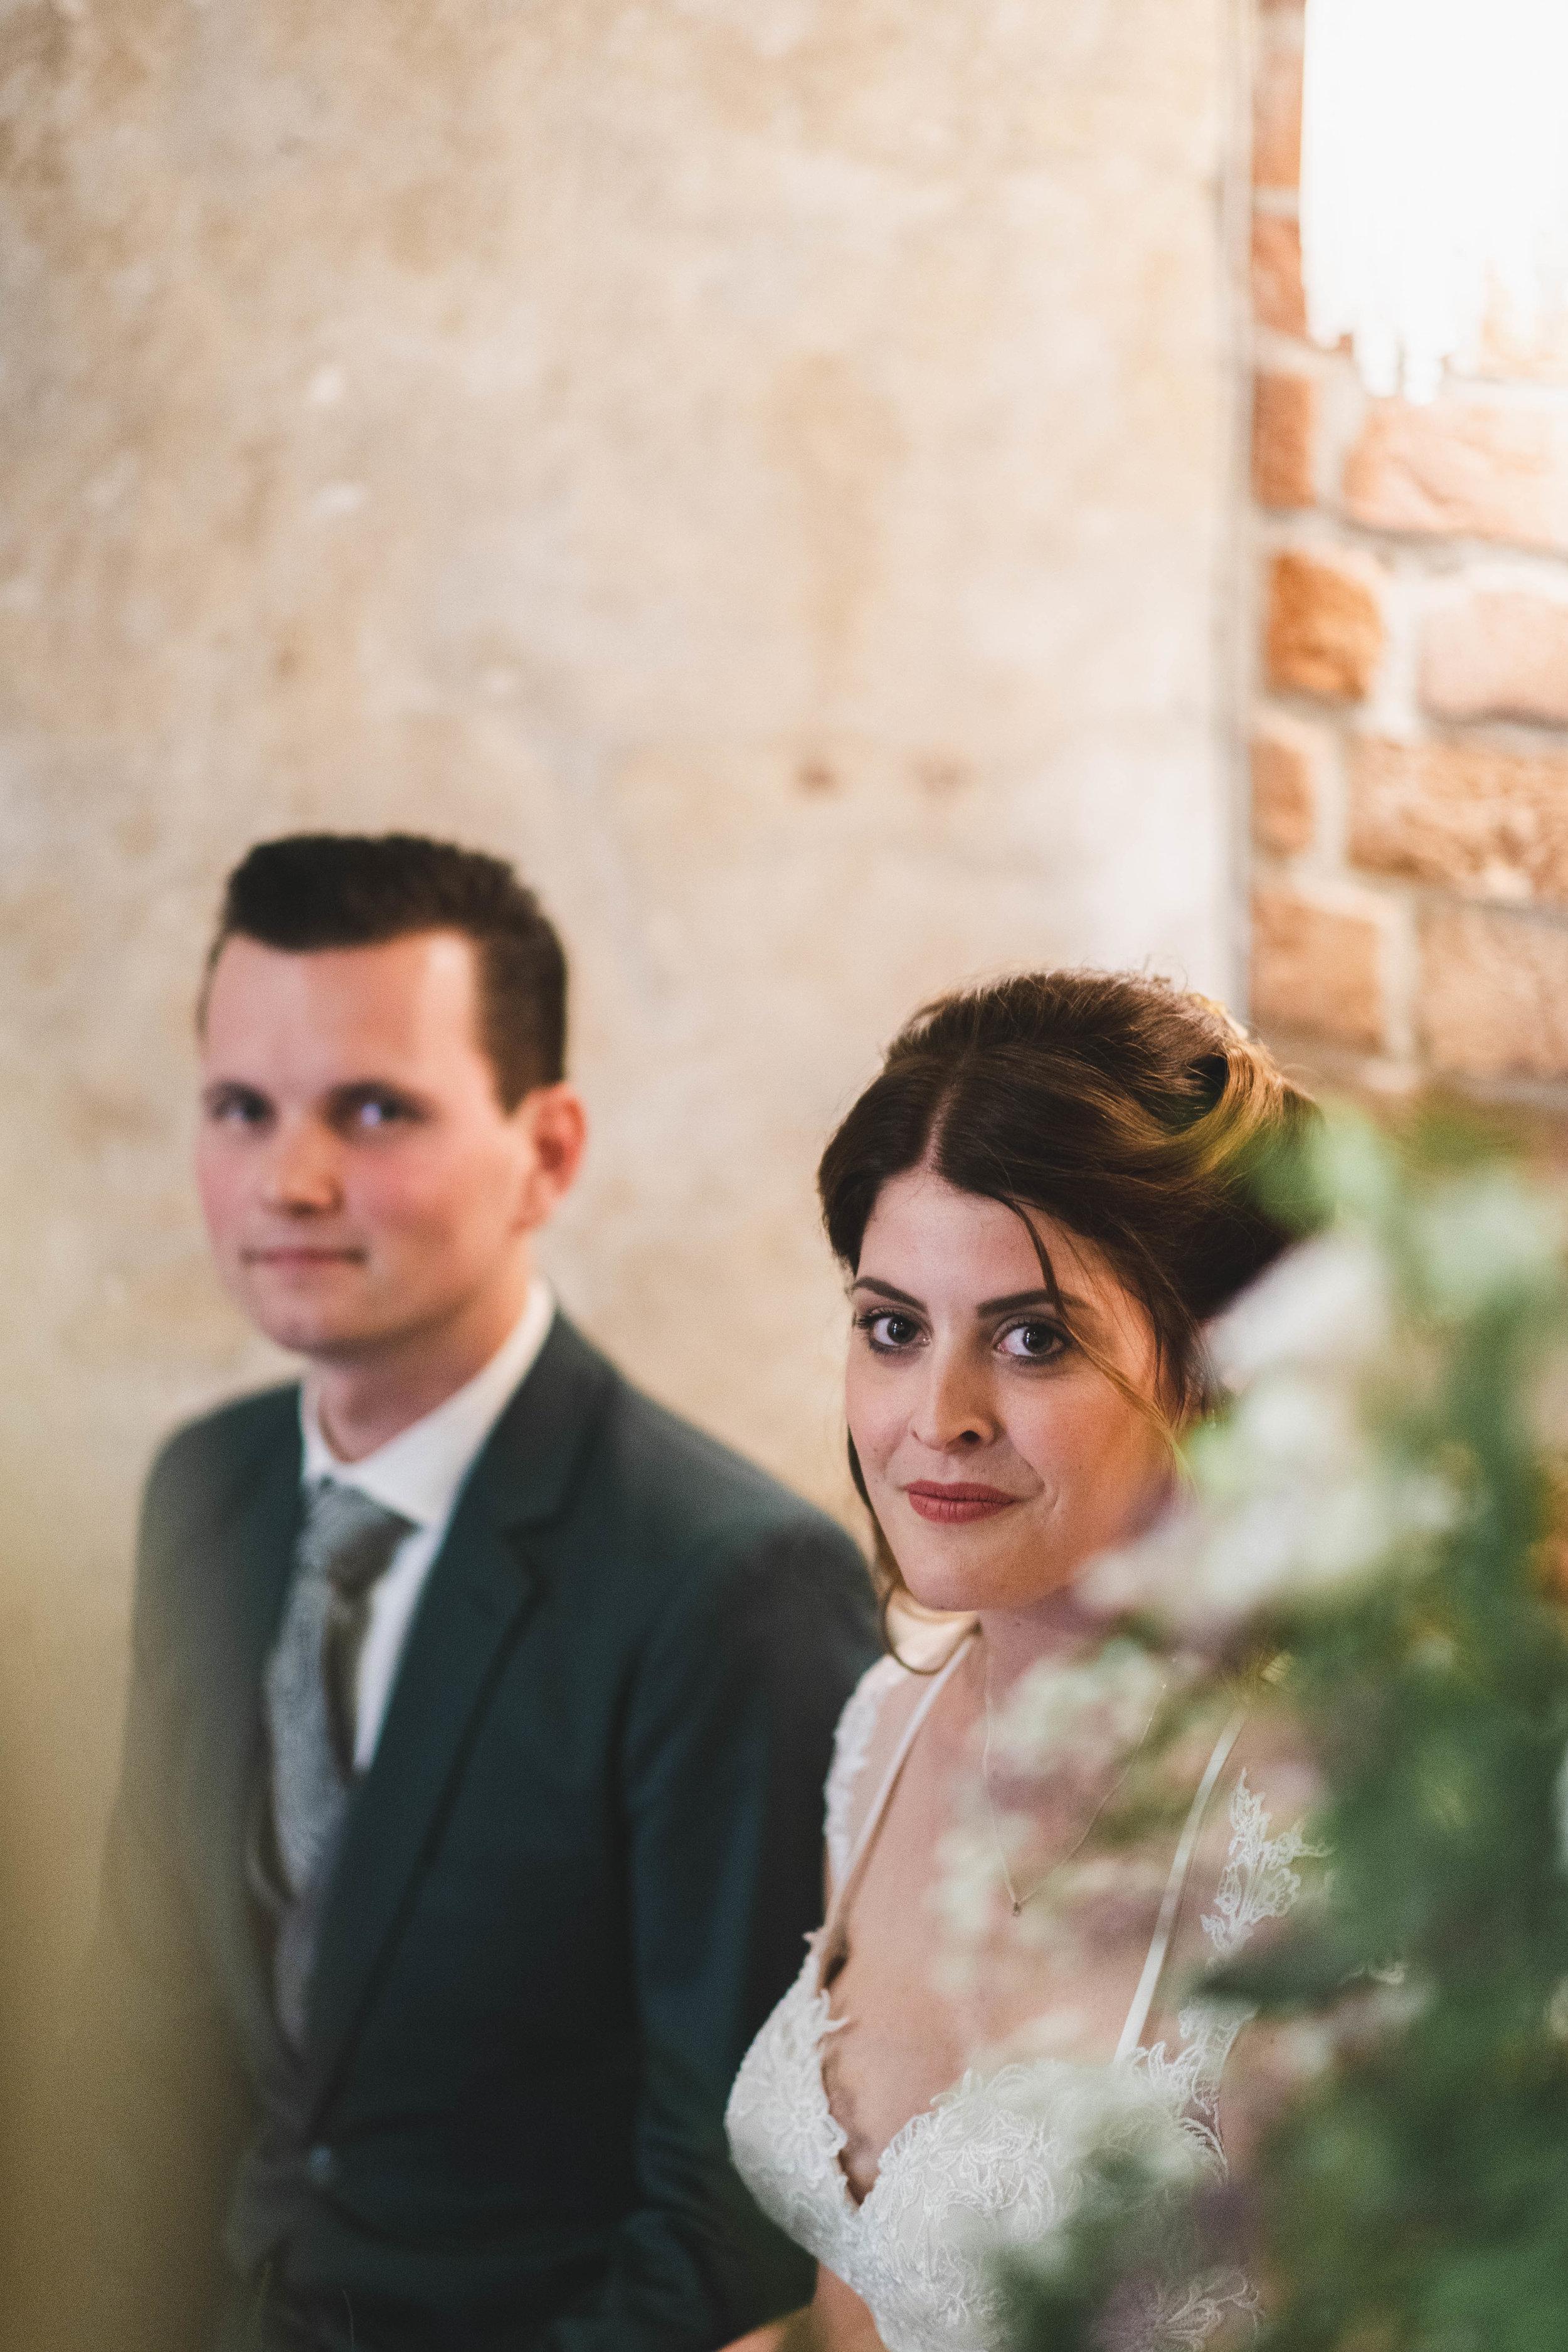 Tijdens een trouwreportage probeer ik zo onopvallend mogelijk een mooi verhaal te vertellen over jouw bruiloft.